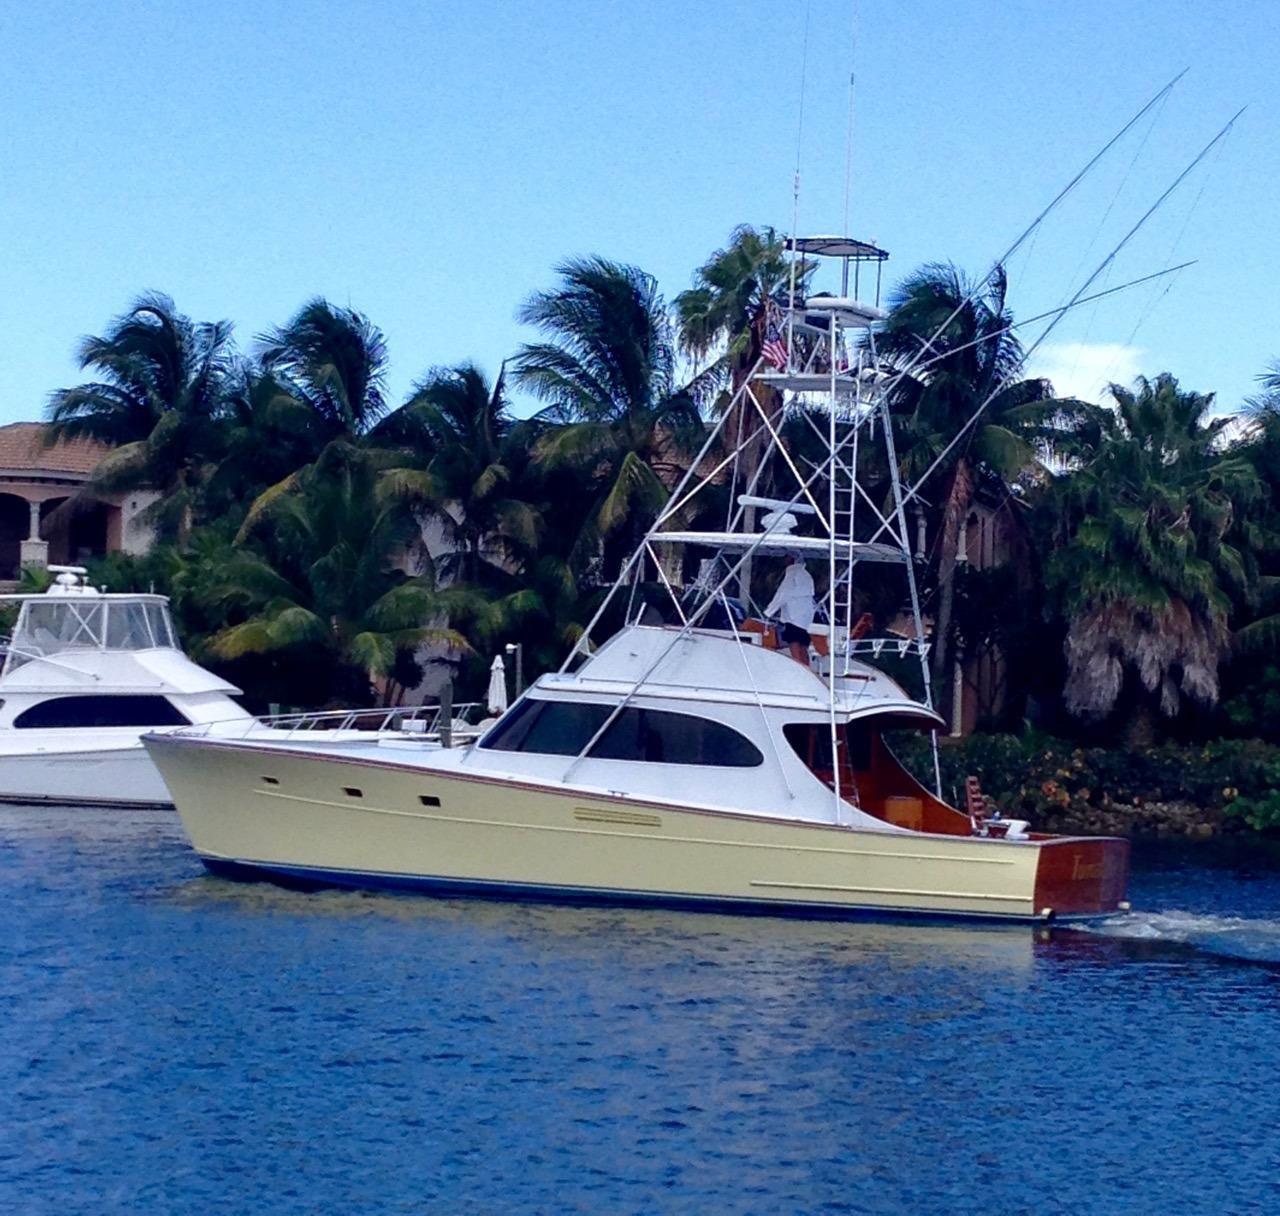 Cummins Diesel For Sale >> 1982 Merritt Custom 46' Sportfish Power Boat For Sale ...